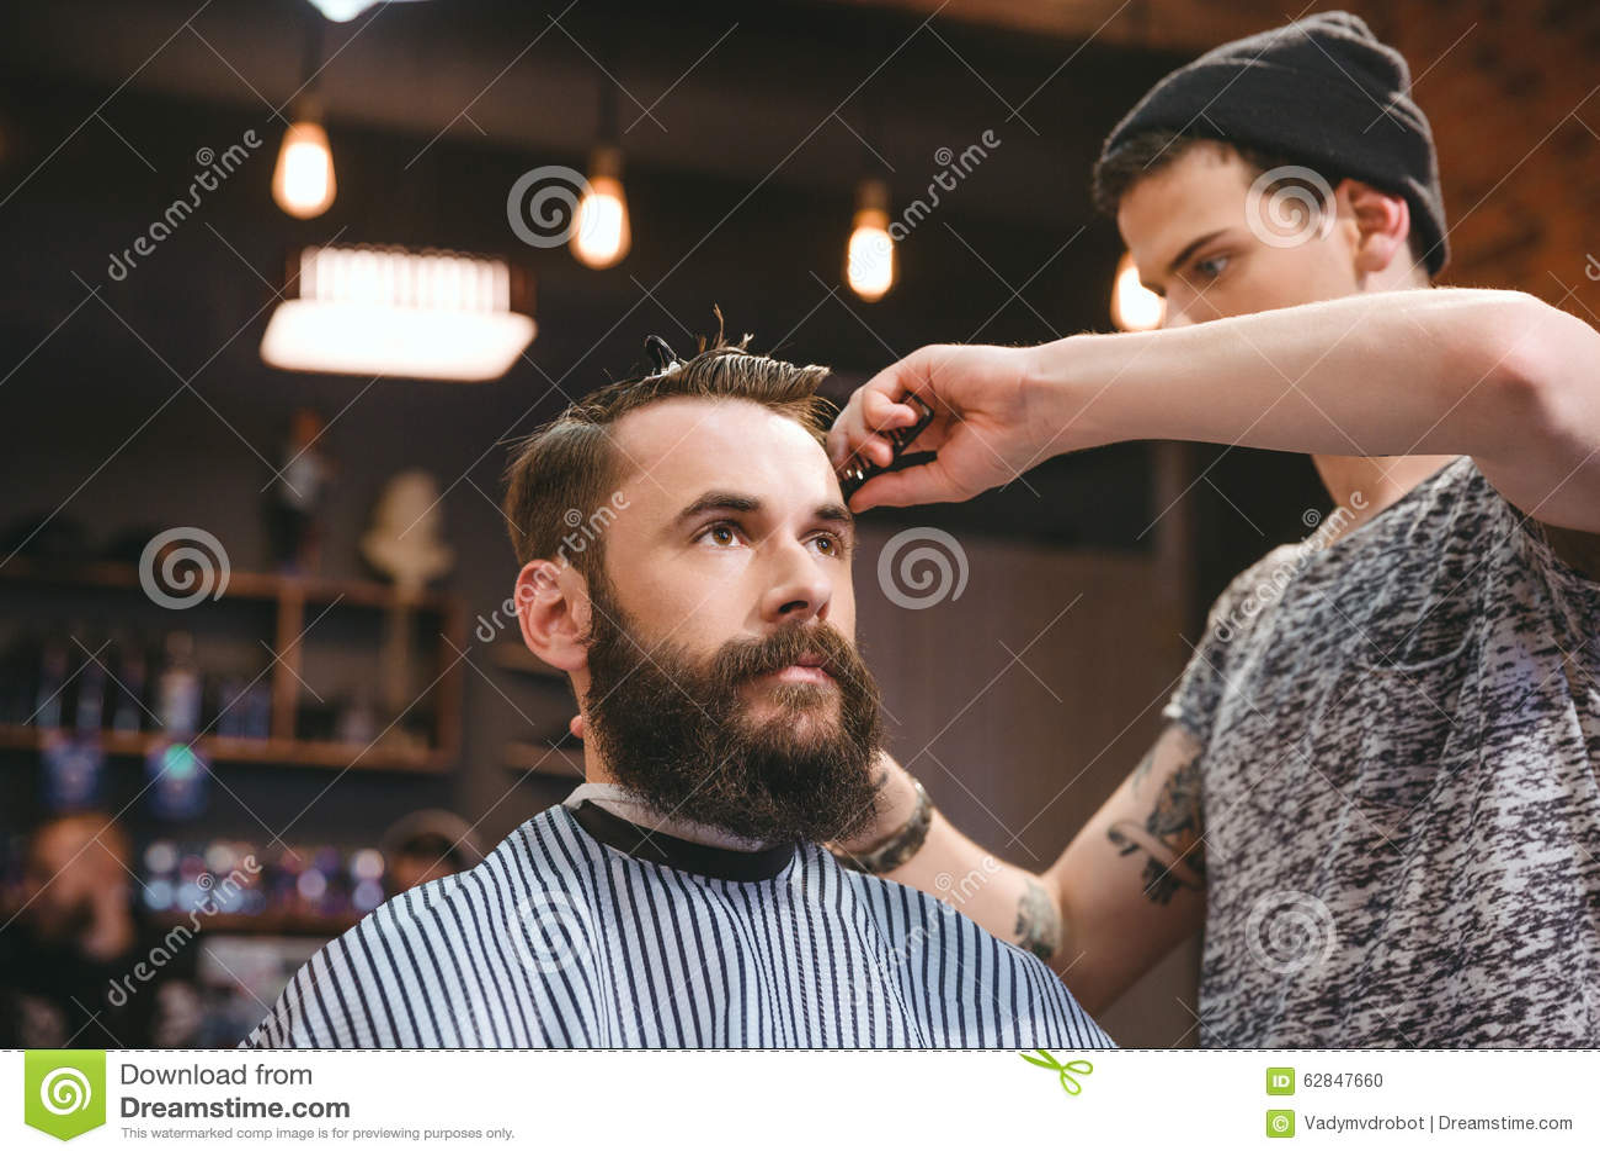 Sprawnego fryzjera męskiego tnący włosy młody człowiek z brodą